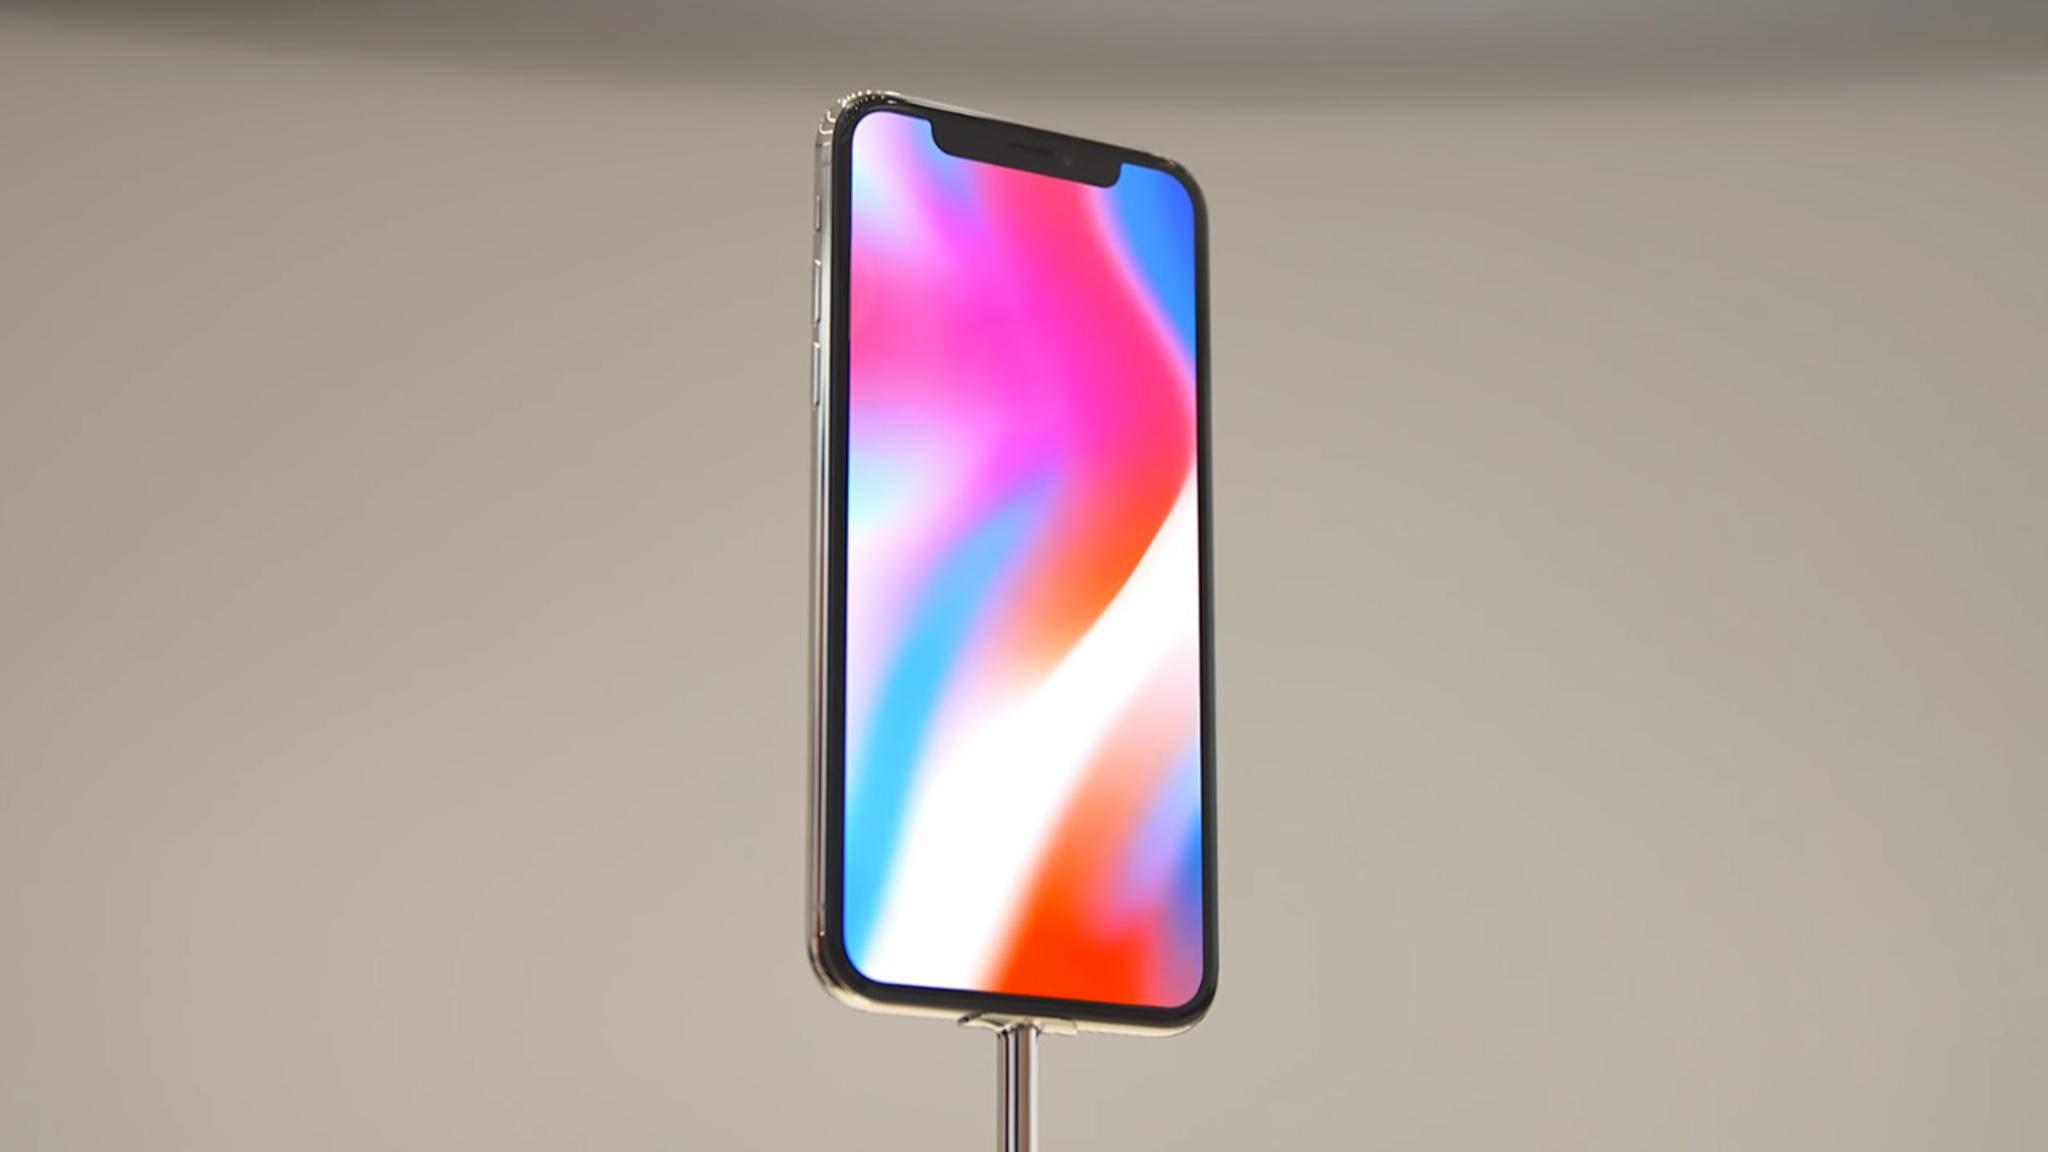 Neben einem außergewöhnlichen Design bietet das iPhone X die höchste Leistung.